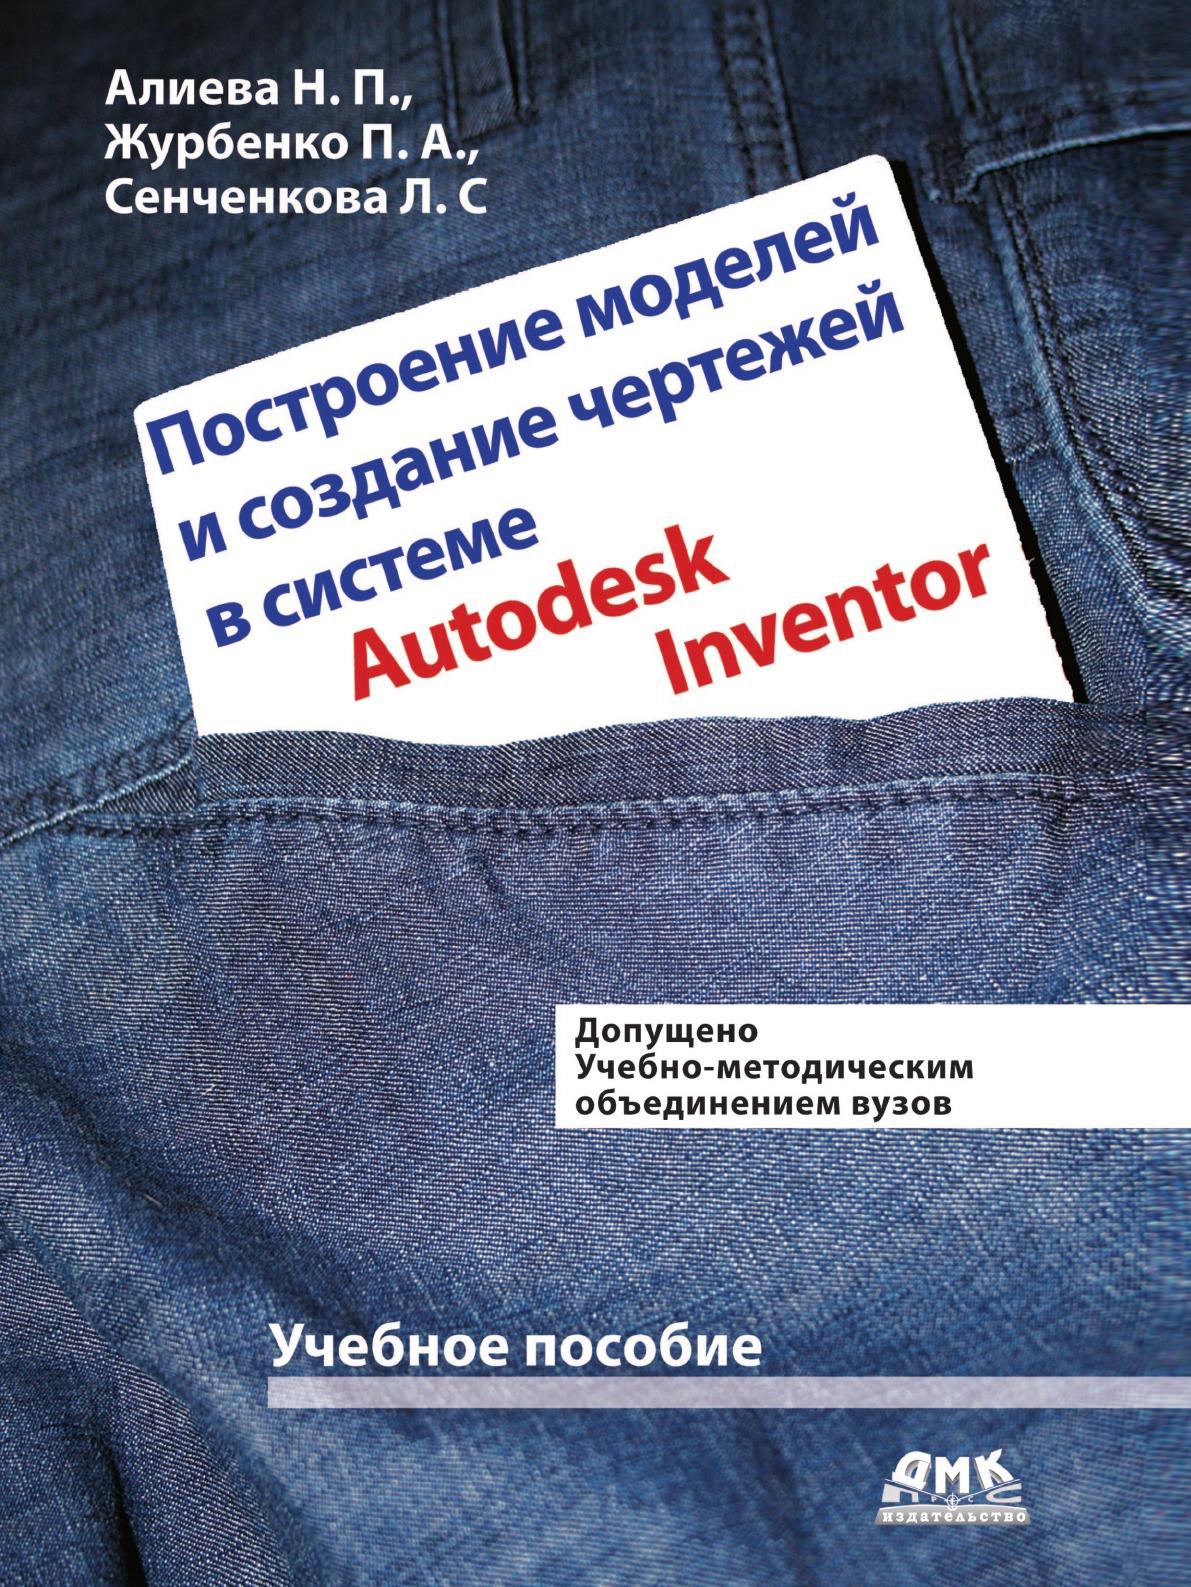 П.А. Журбенко Построение моделей и создание чертежей в системе Autodesk Inventor